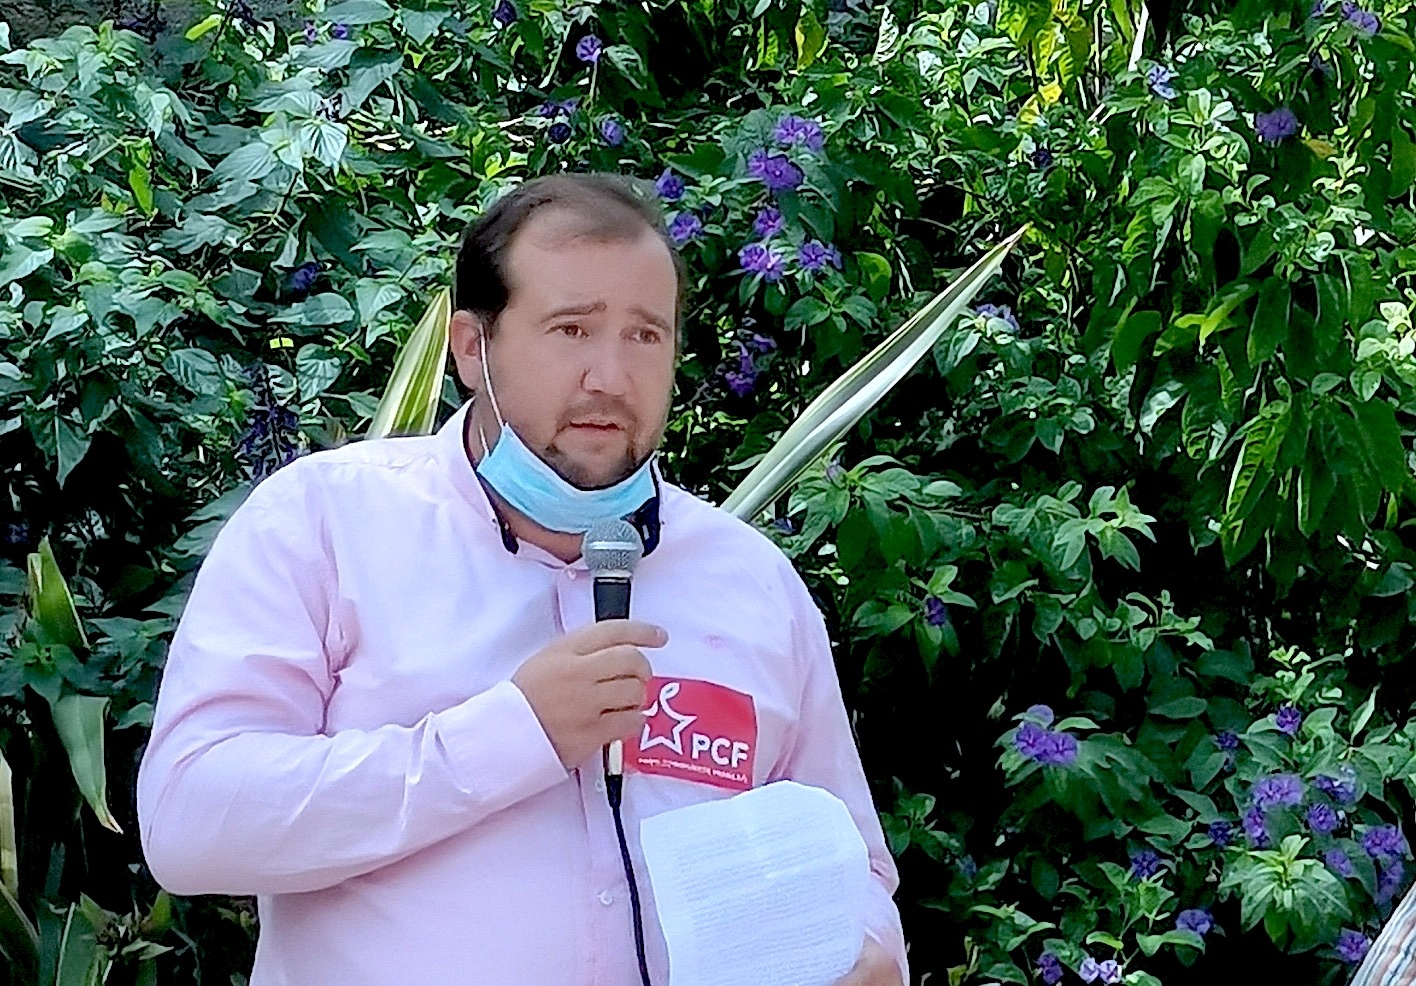 Nicolas Cossange, Conseiller Municipal et communautaire - Béziers PCF - PS - PRG - Citoyens